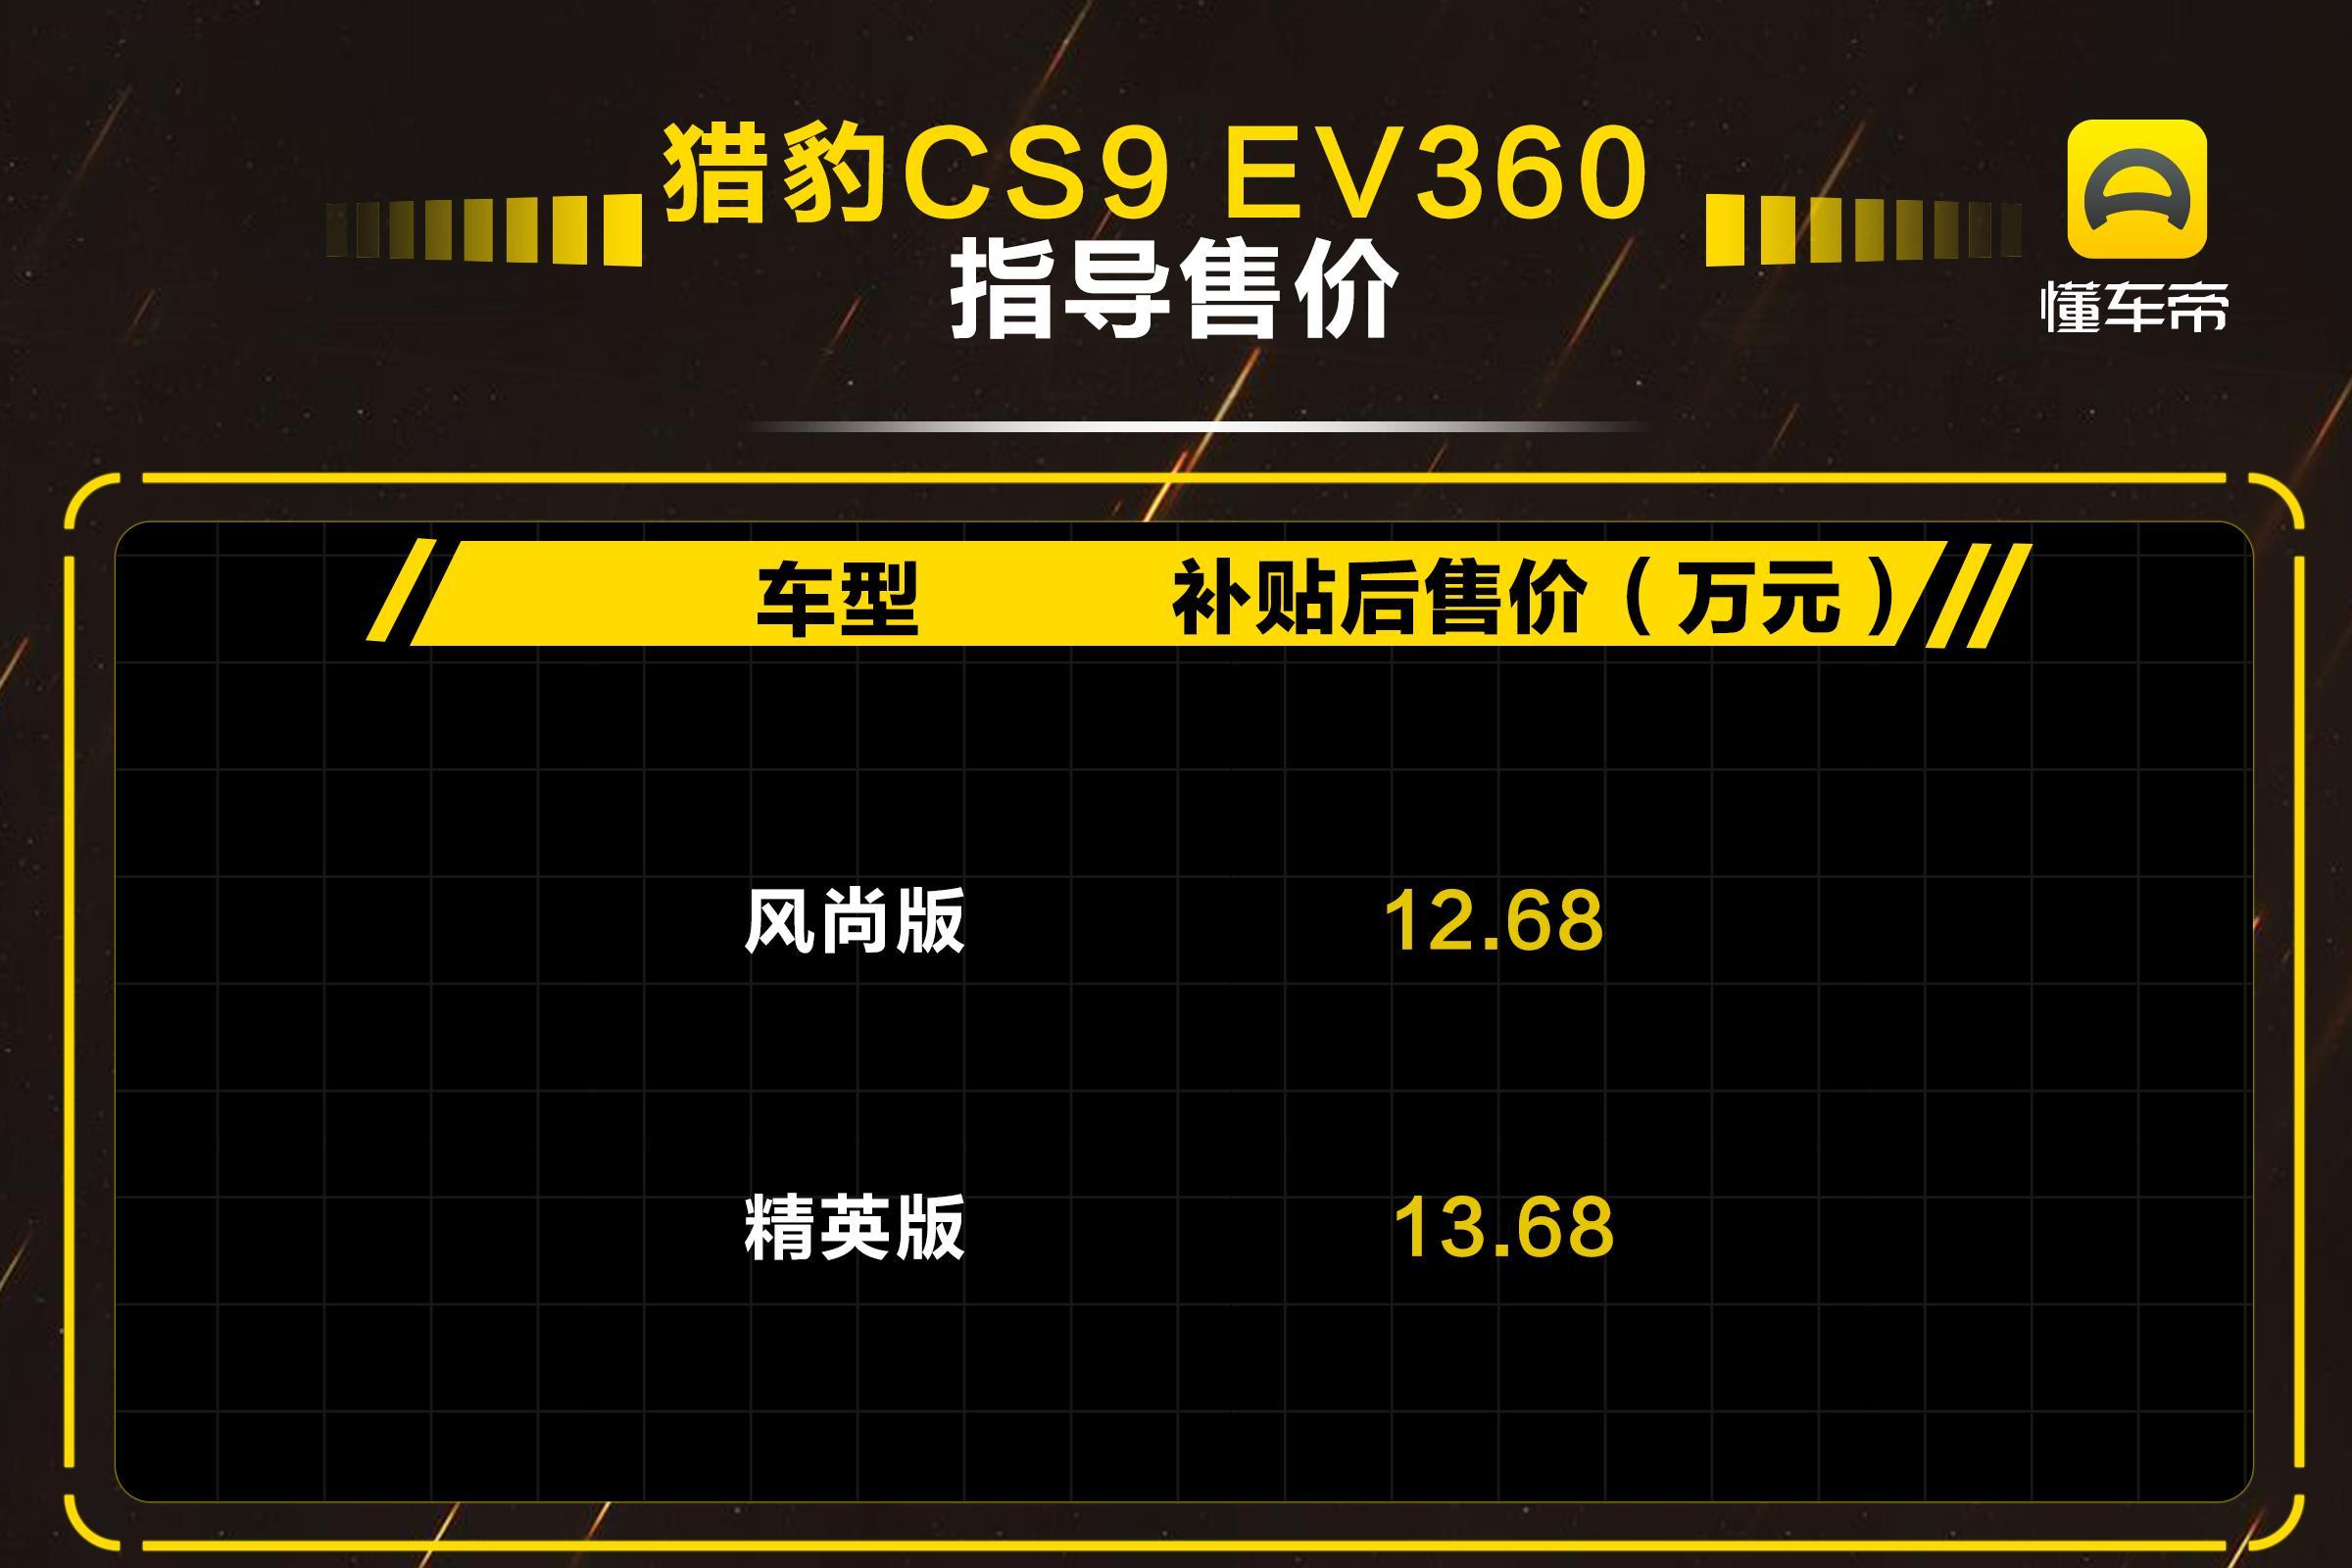 補貼后12.68萬起!獵豹CS9 EV360正式上市